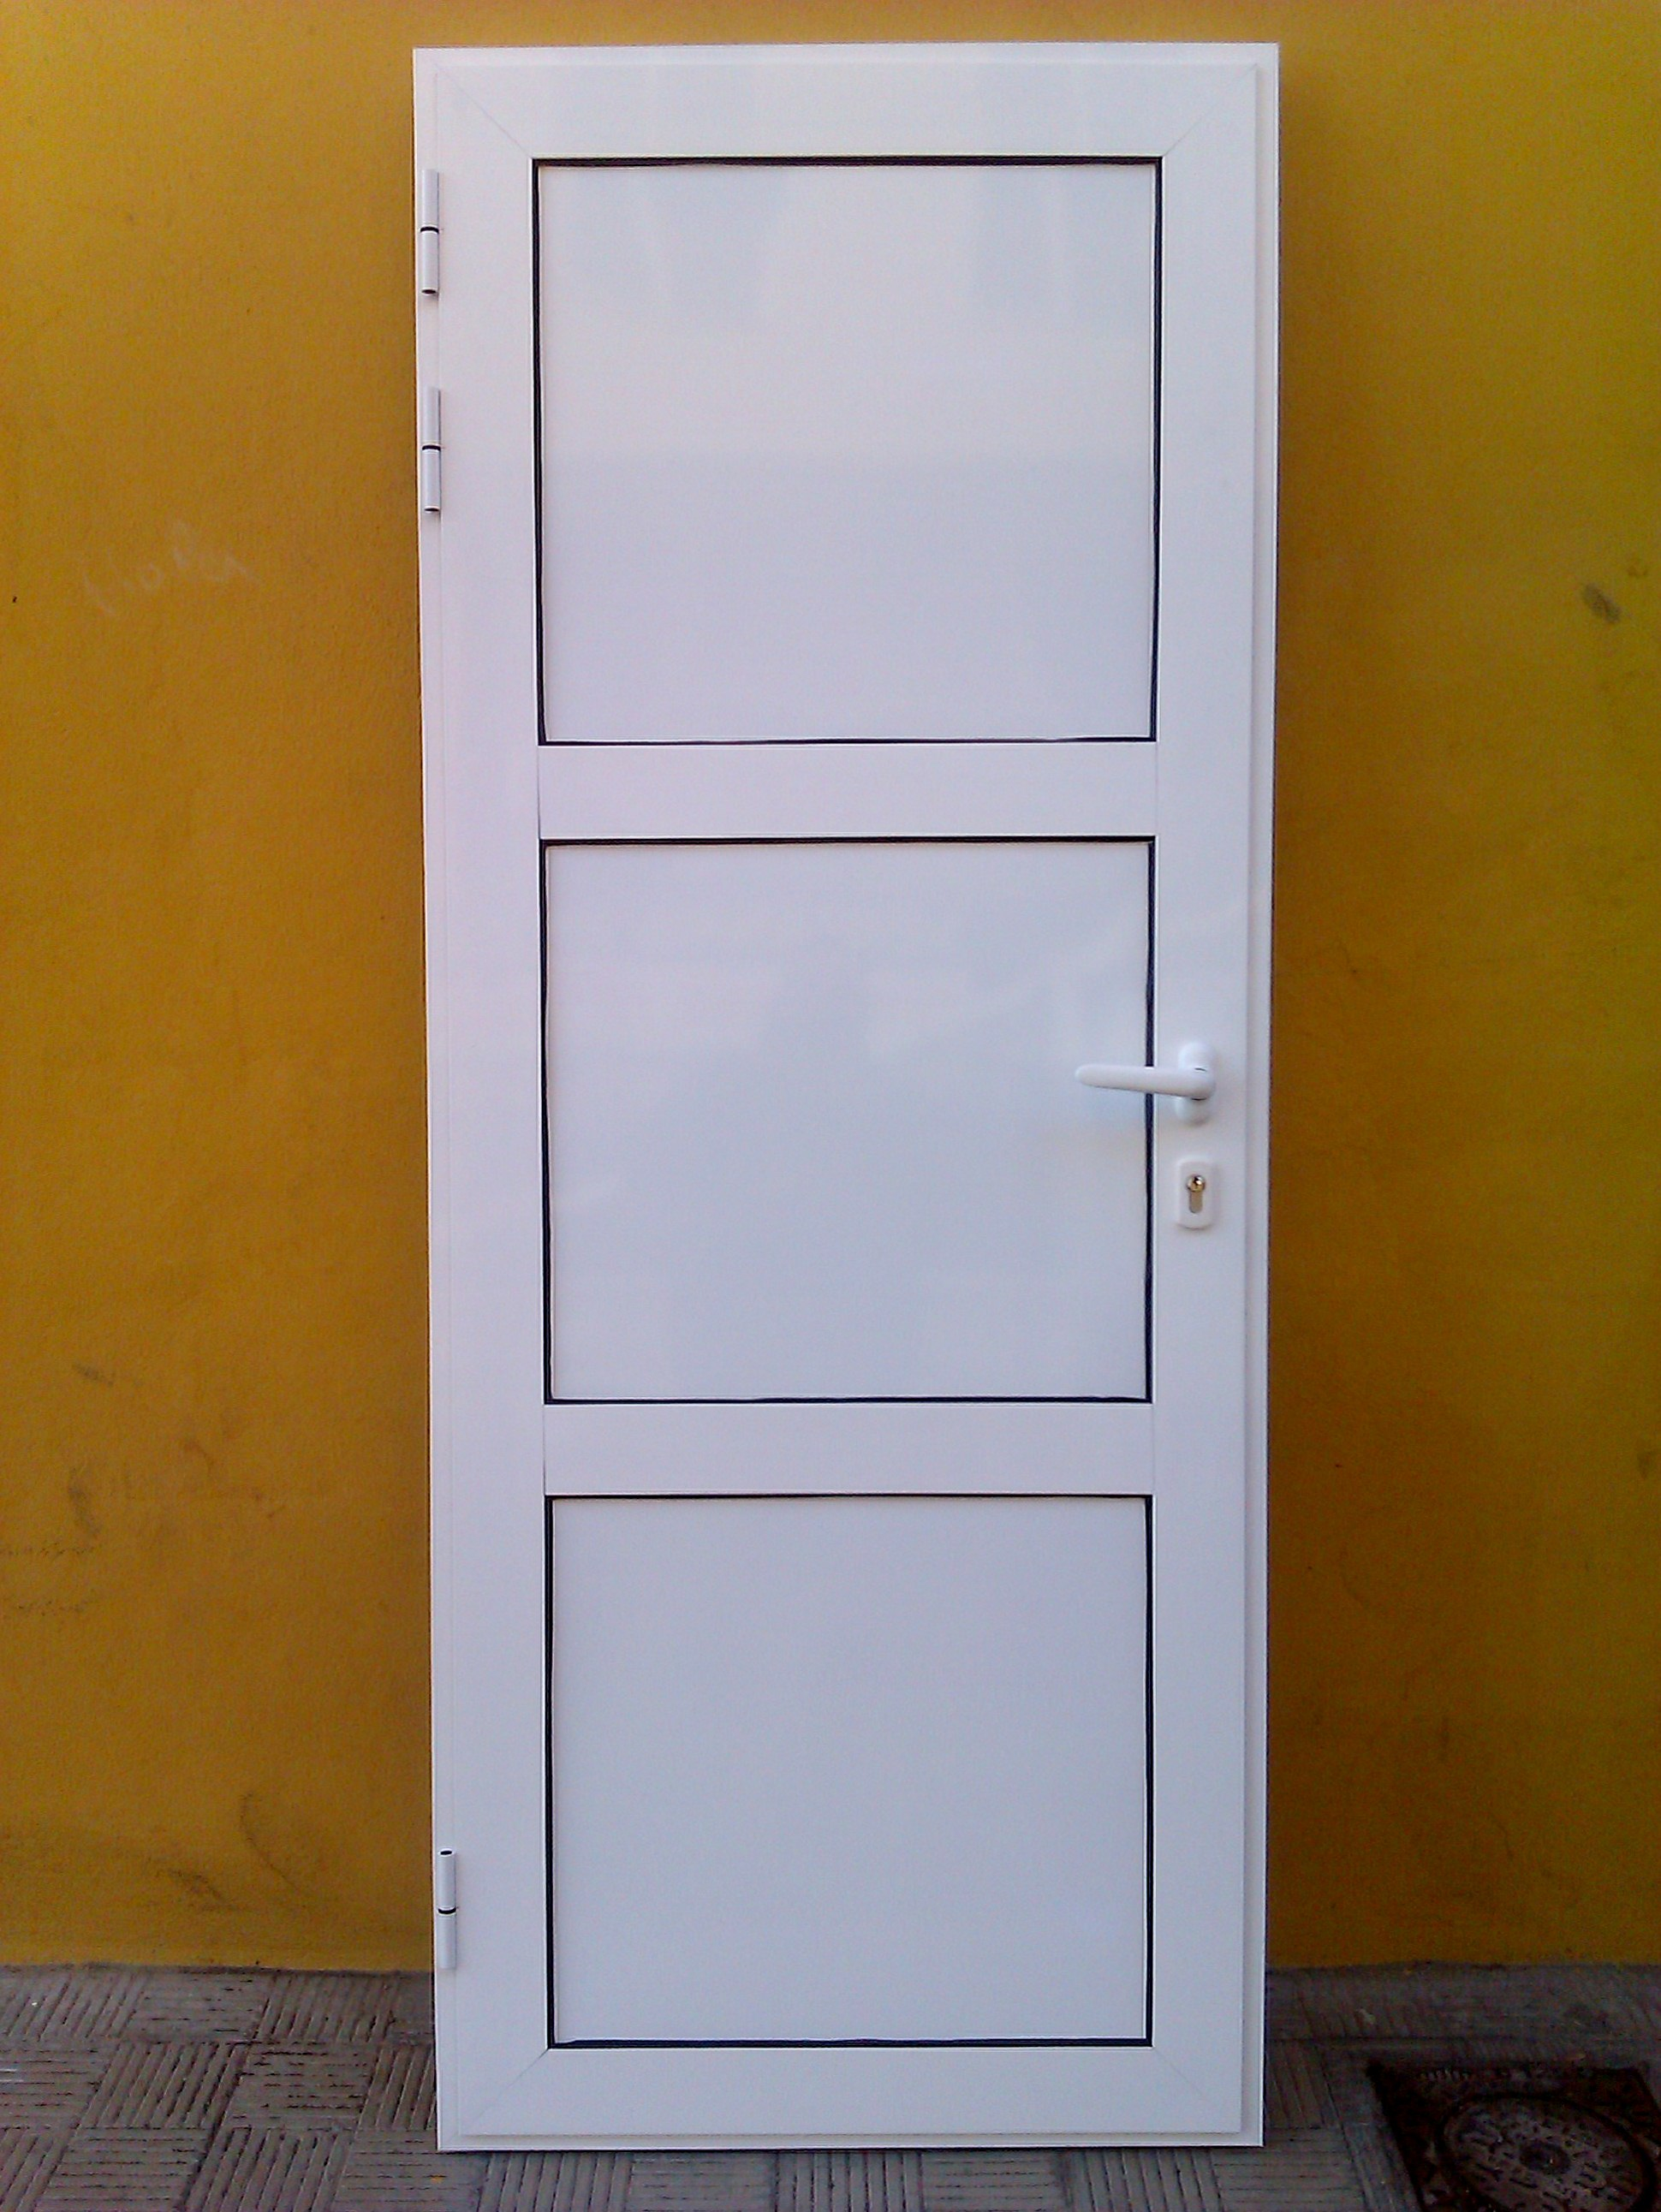 Aluminios gi como galer a de fotos for Modelo de puertas para habitaciones modernas